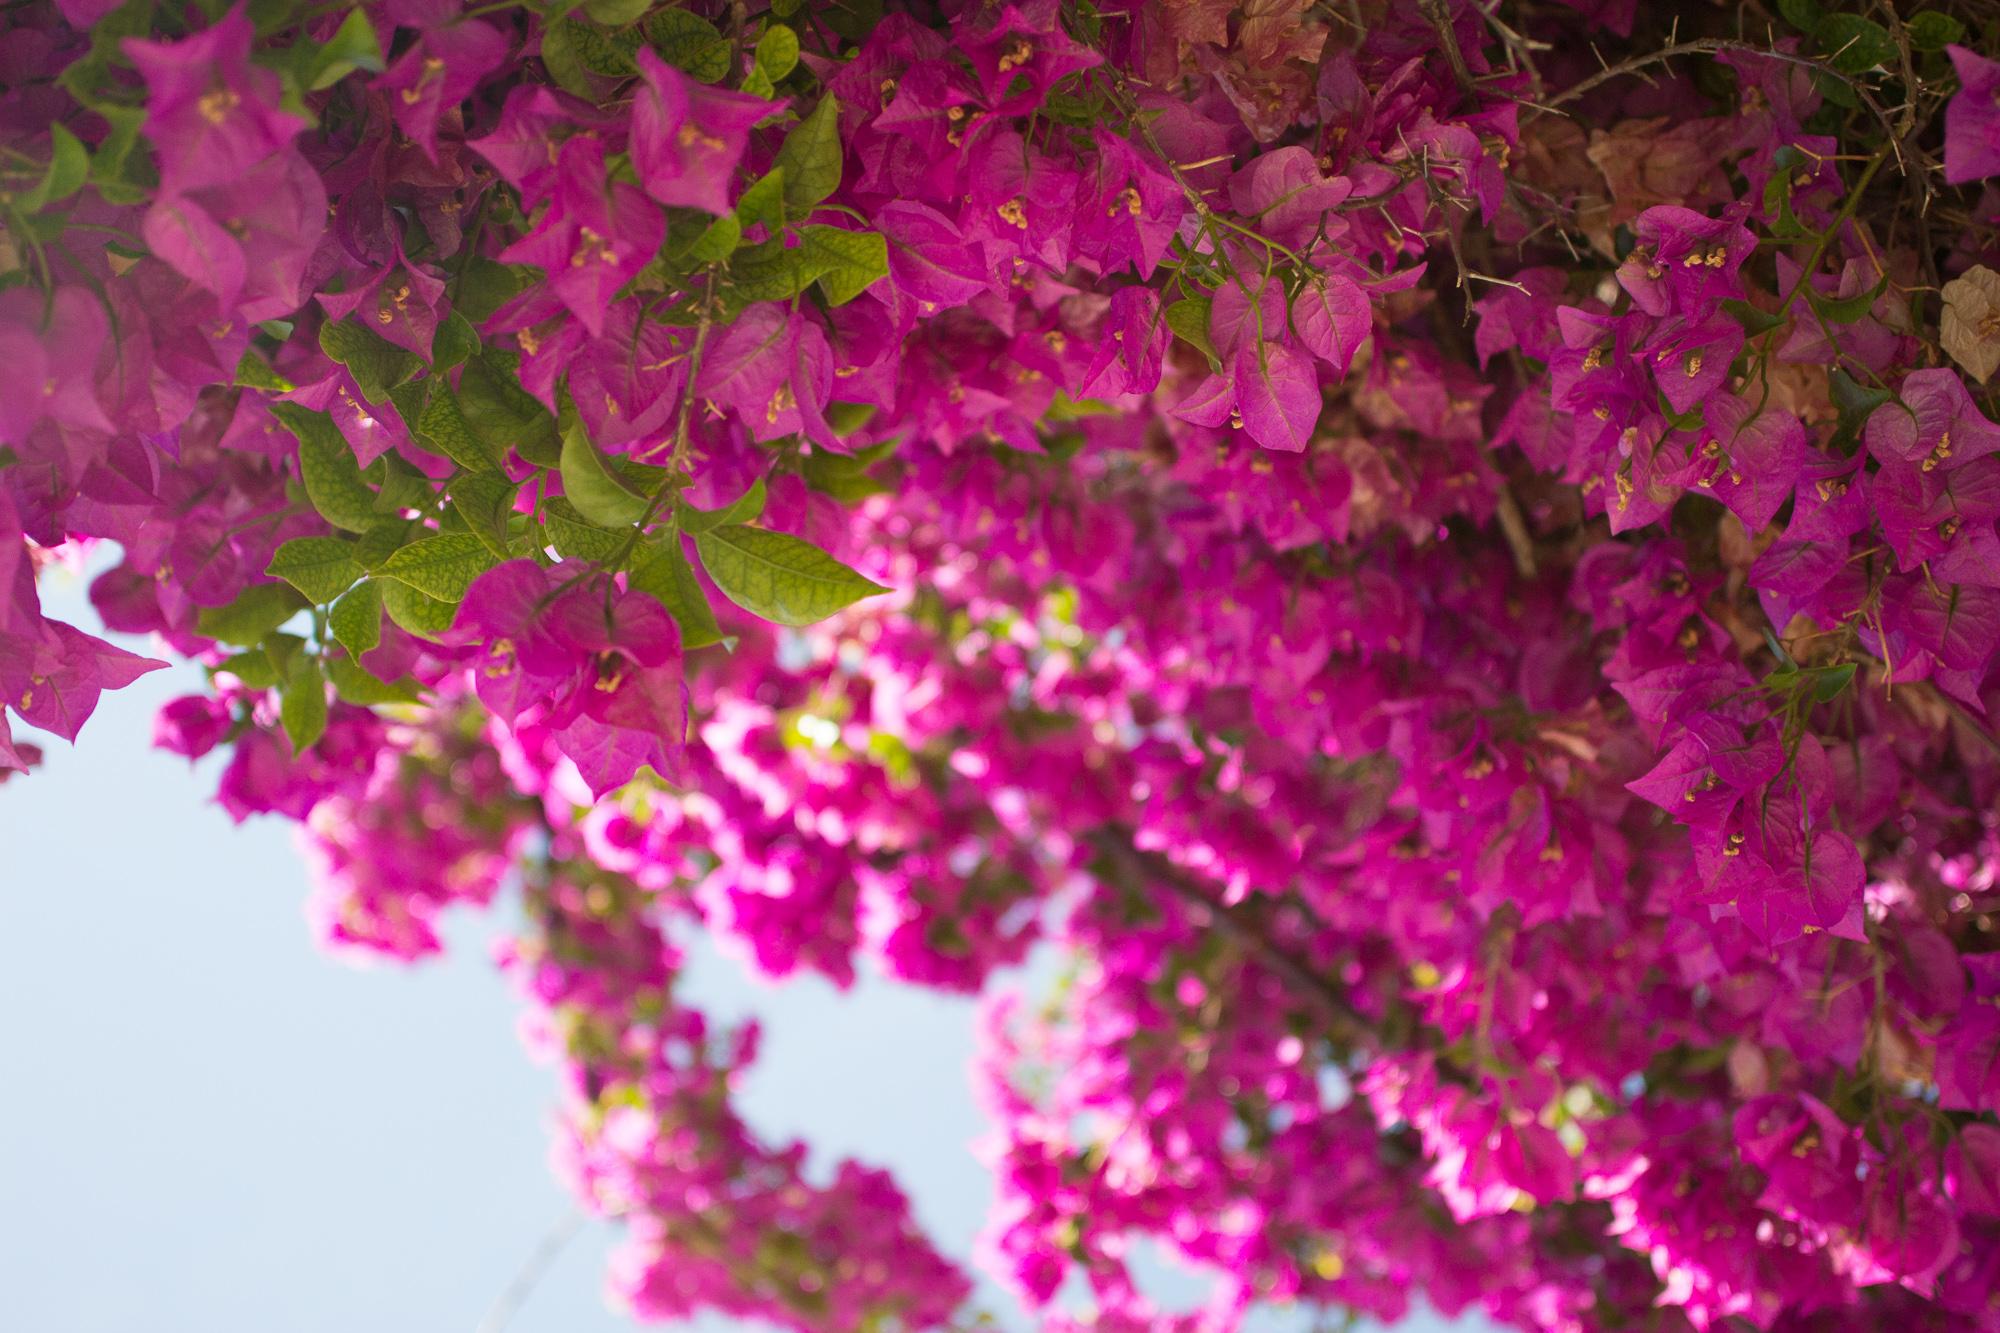 Fleurs de bougainvilliers, mirador de Santa Lucia, Lisbonne, Portugal